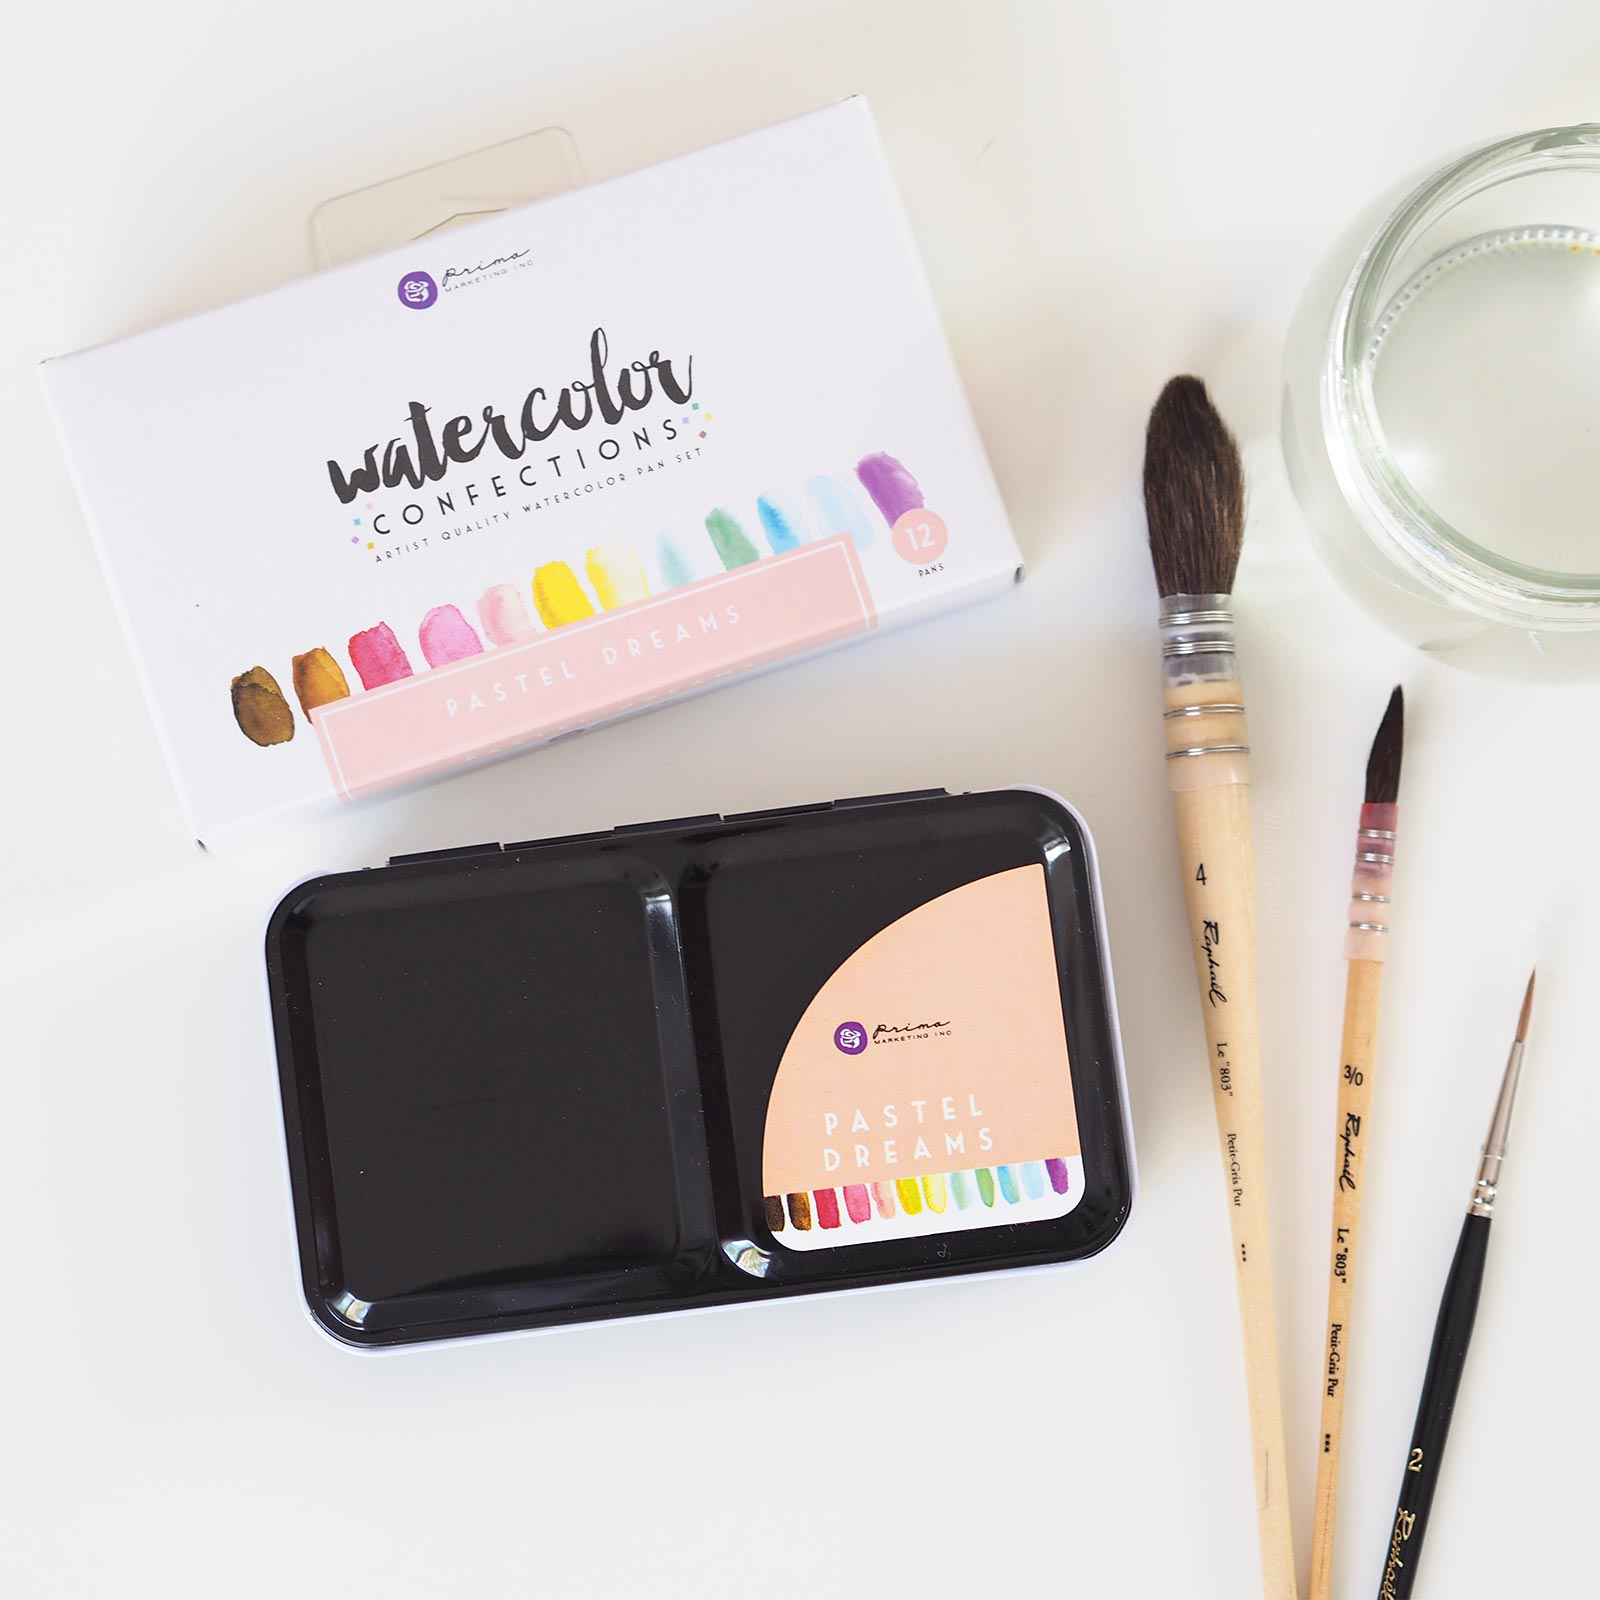 watercolor pastel dreams confections prima